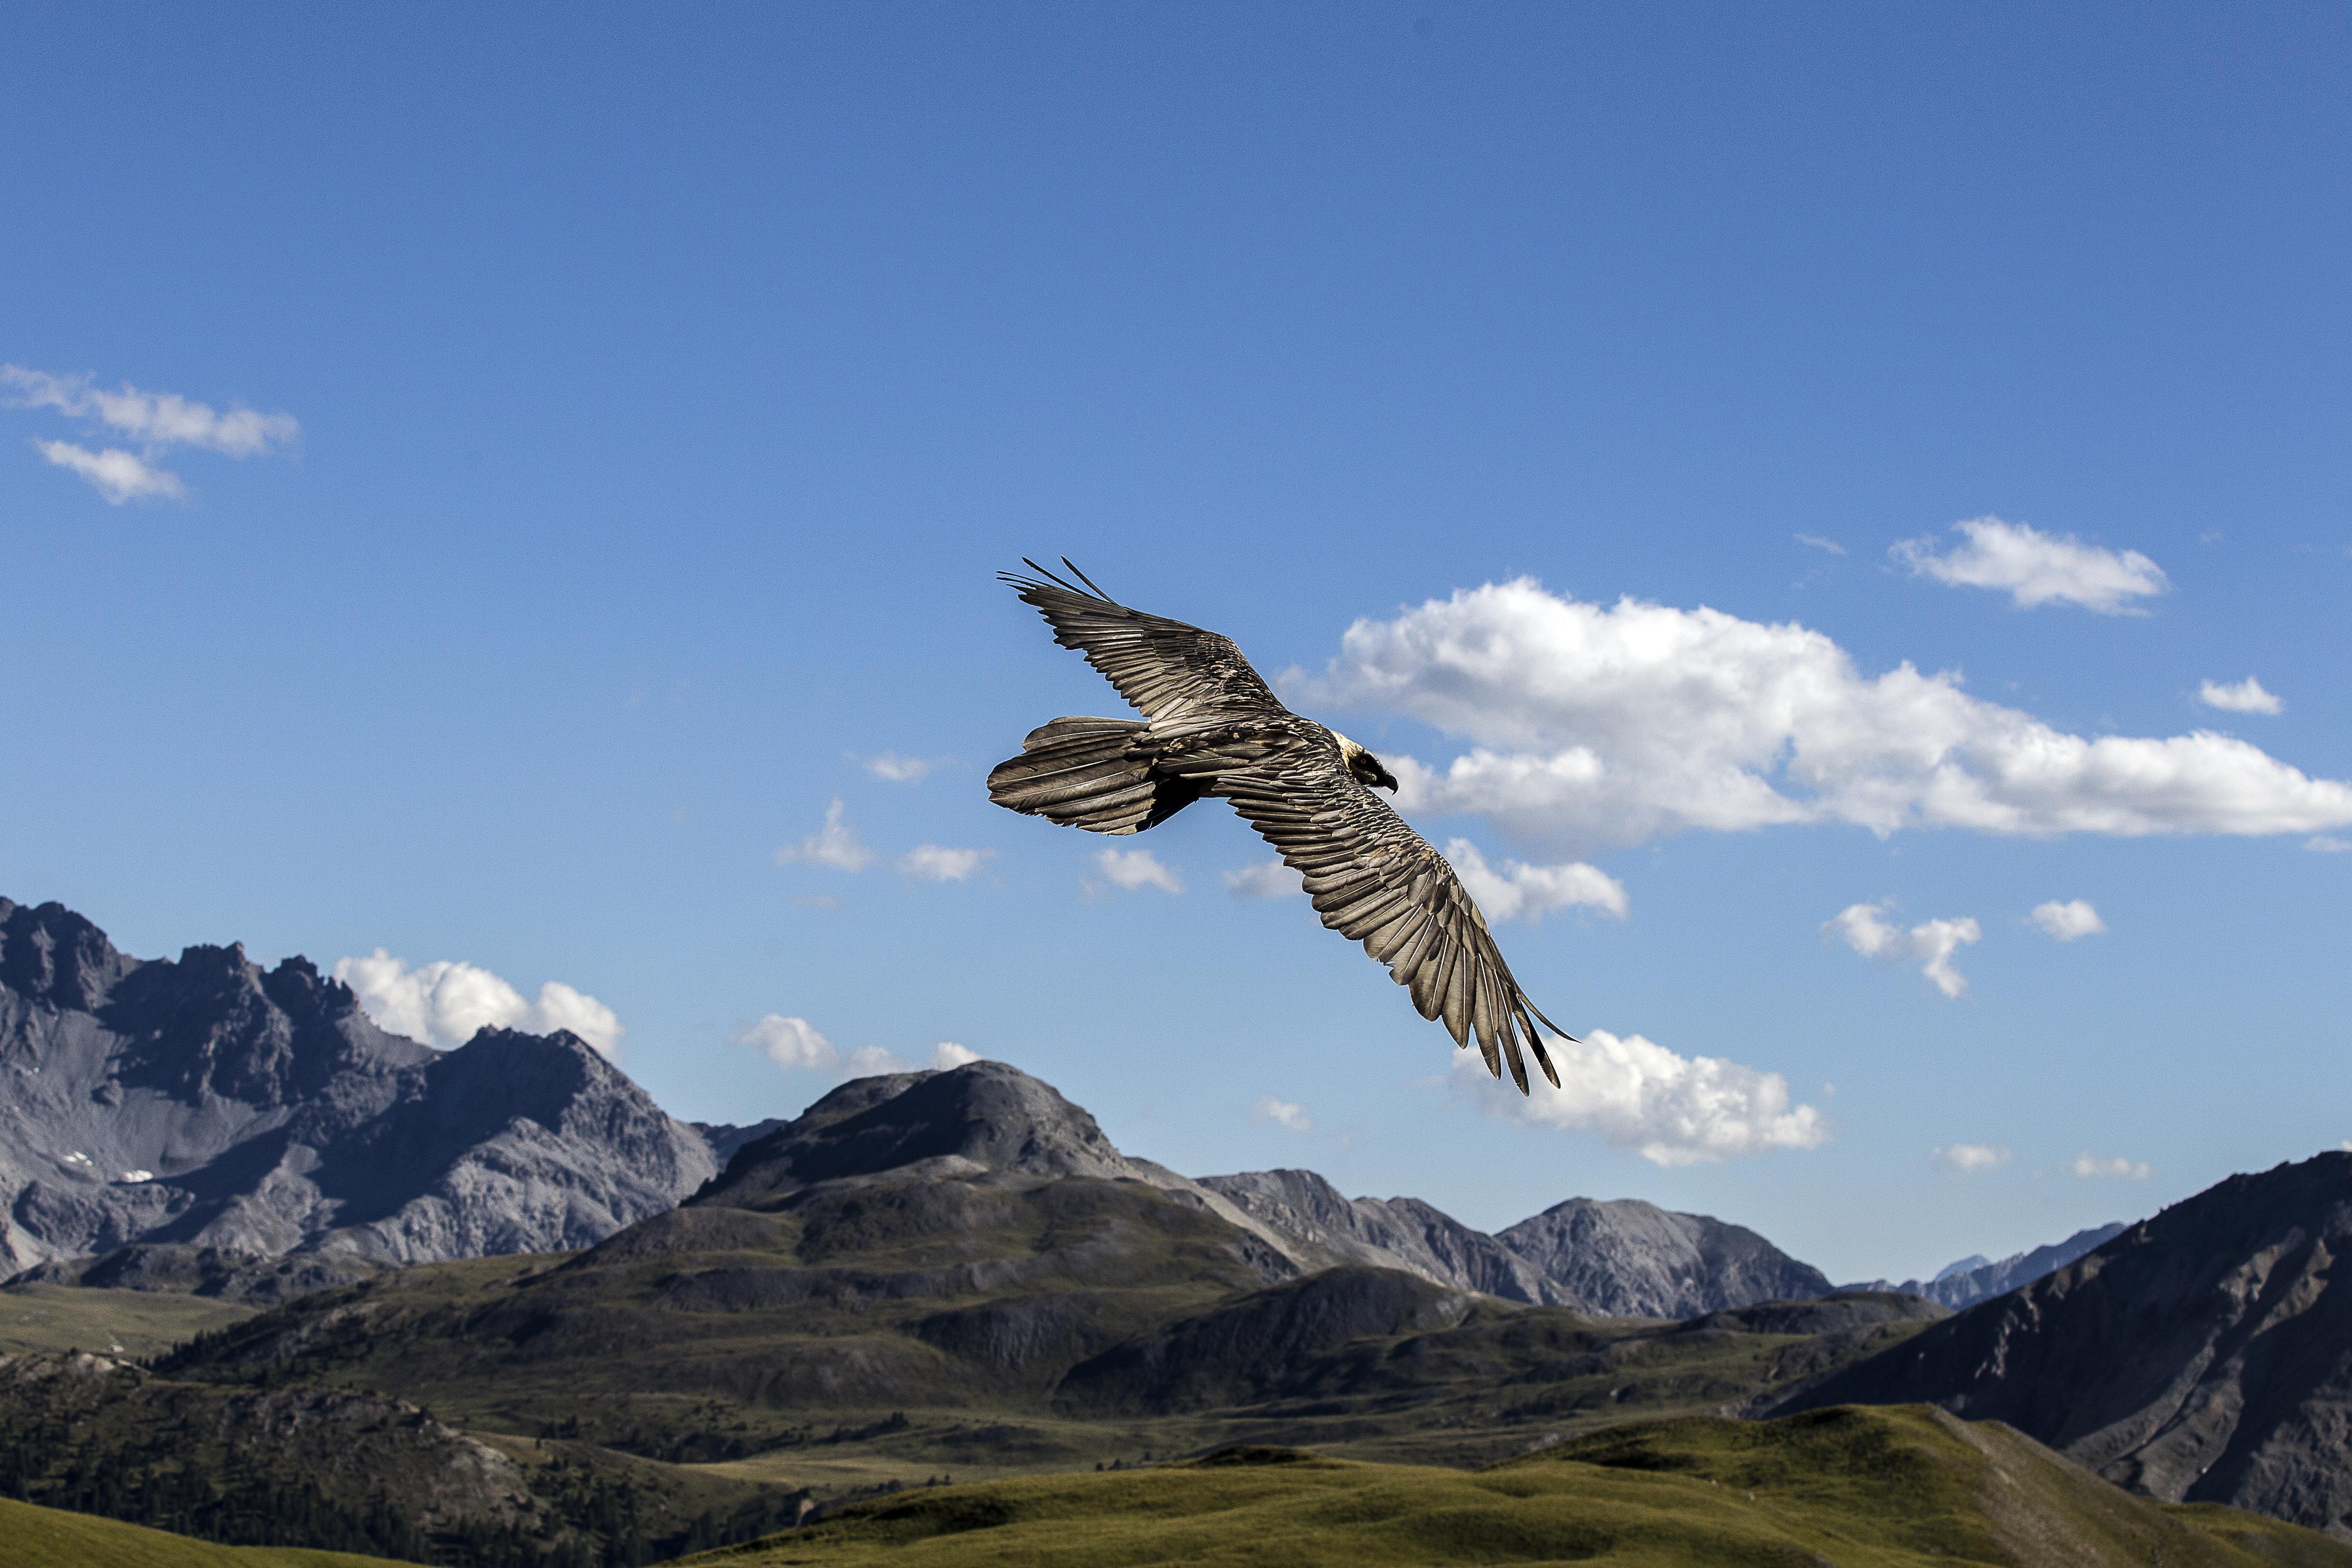 Ausschreibung Jubiläum Schweizerischer Nationalpark Slide 1